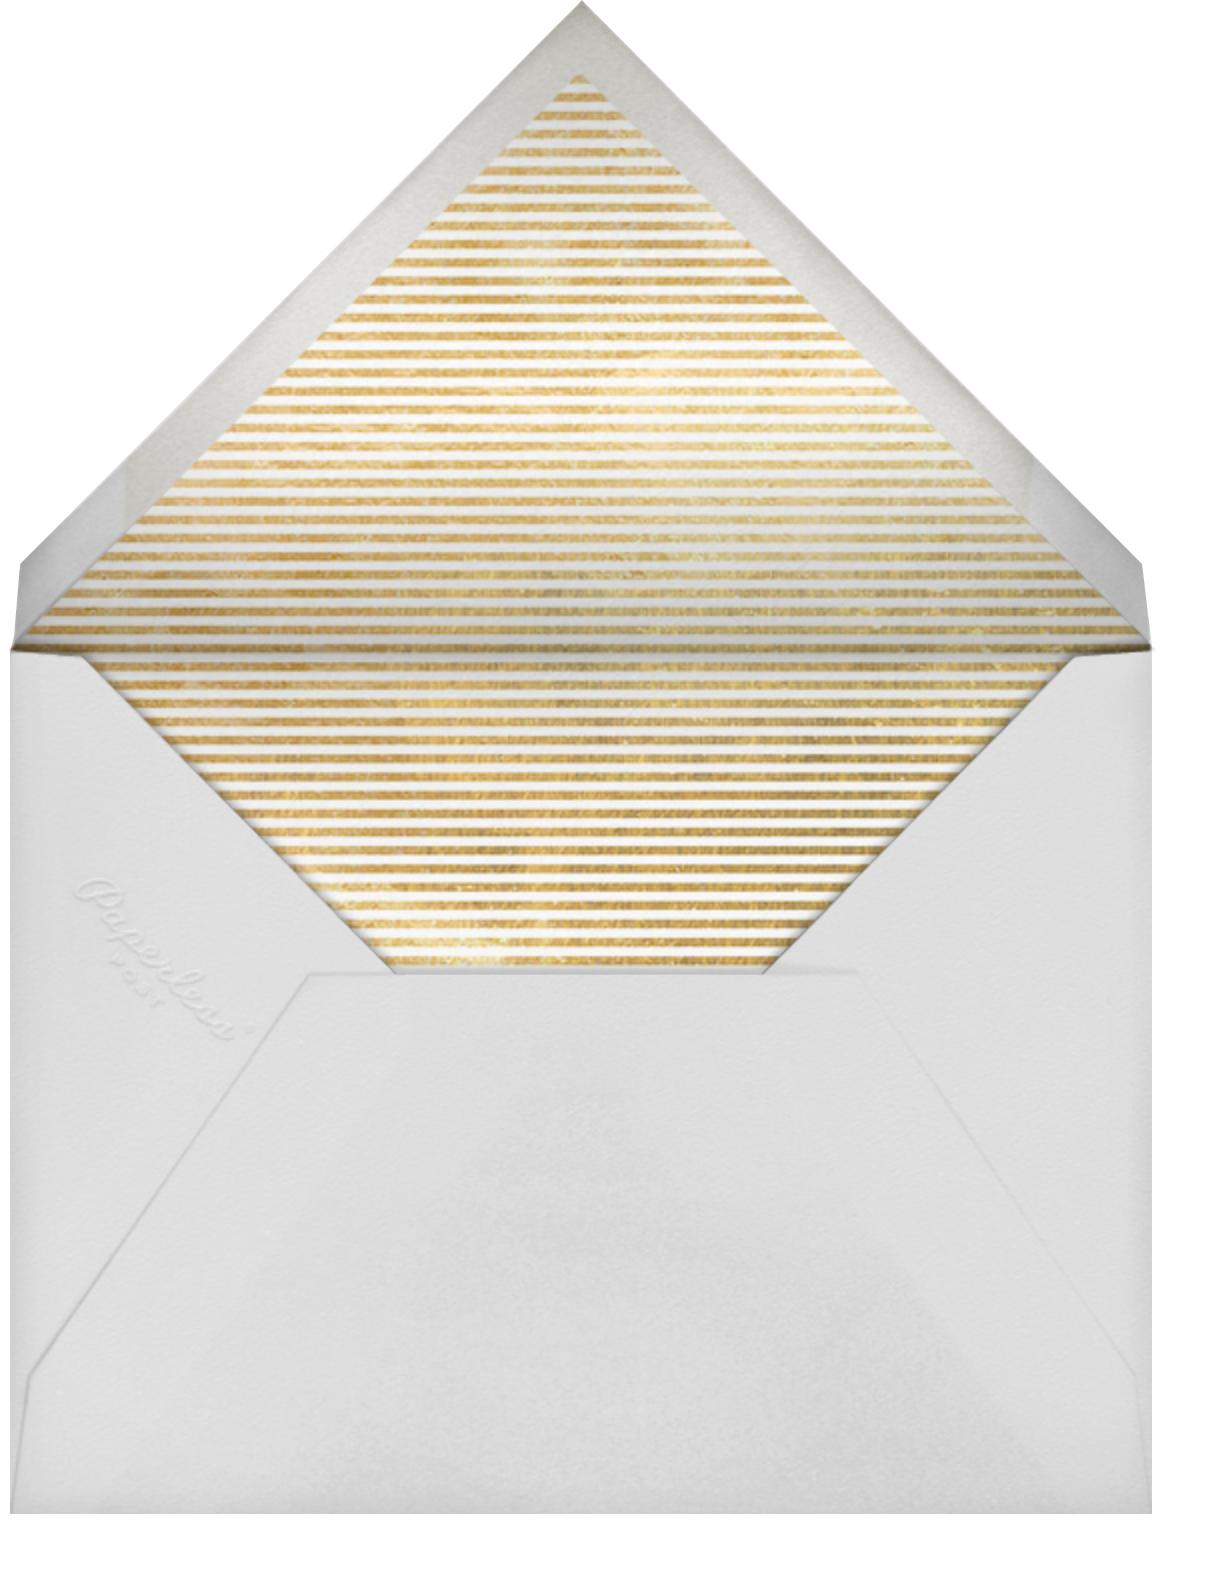 Posies - kate spade new york - Envelope